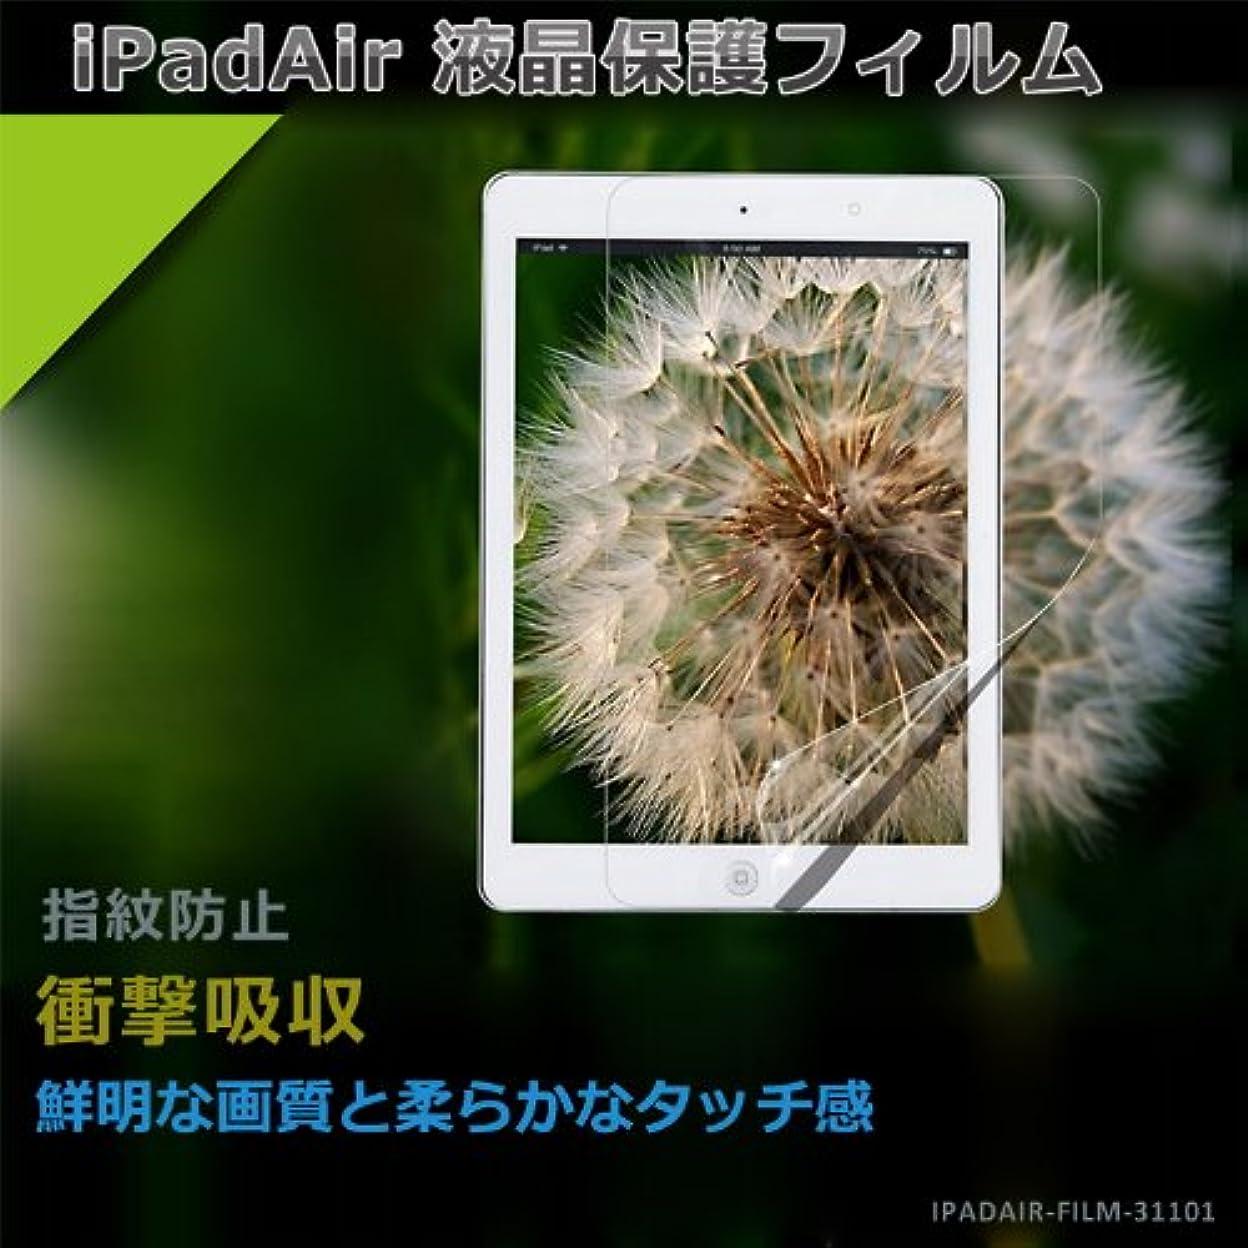 必須難破船金額iPad air/保護フィルム/液晶保護フィルム air スマホアクセサリー 液晶保護シート iPadAIR-FILM3H-W31101